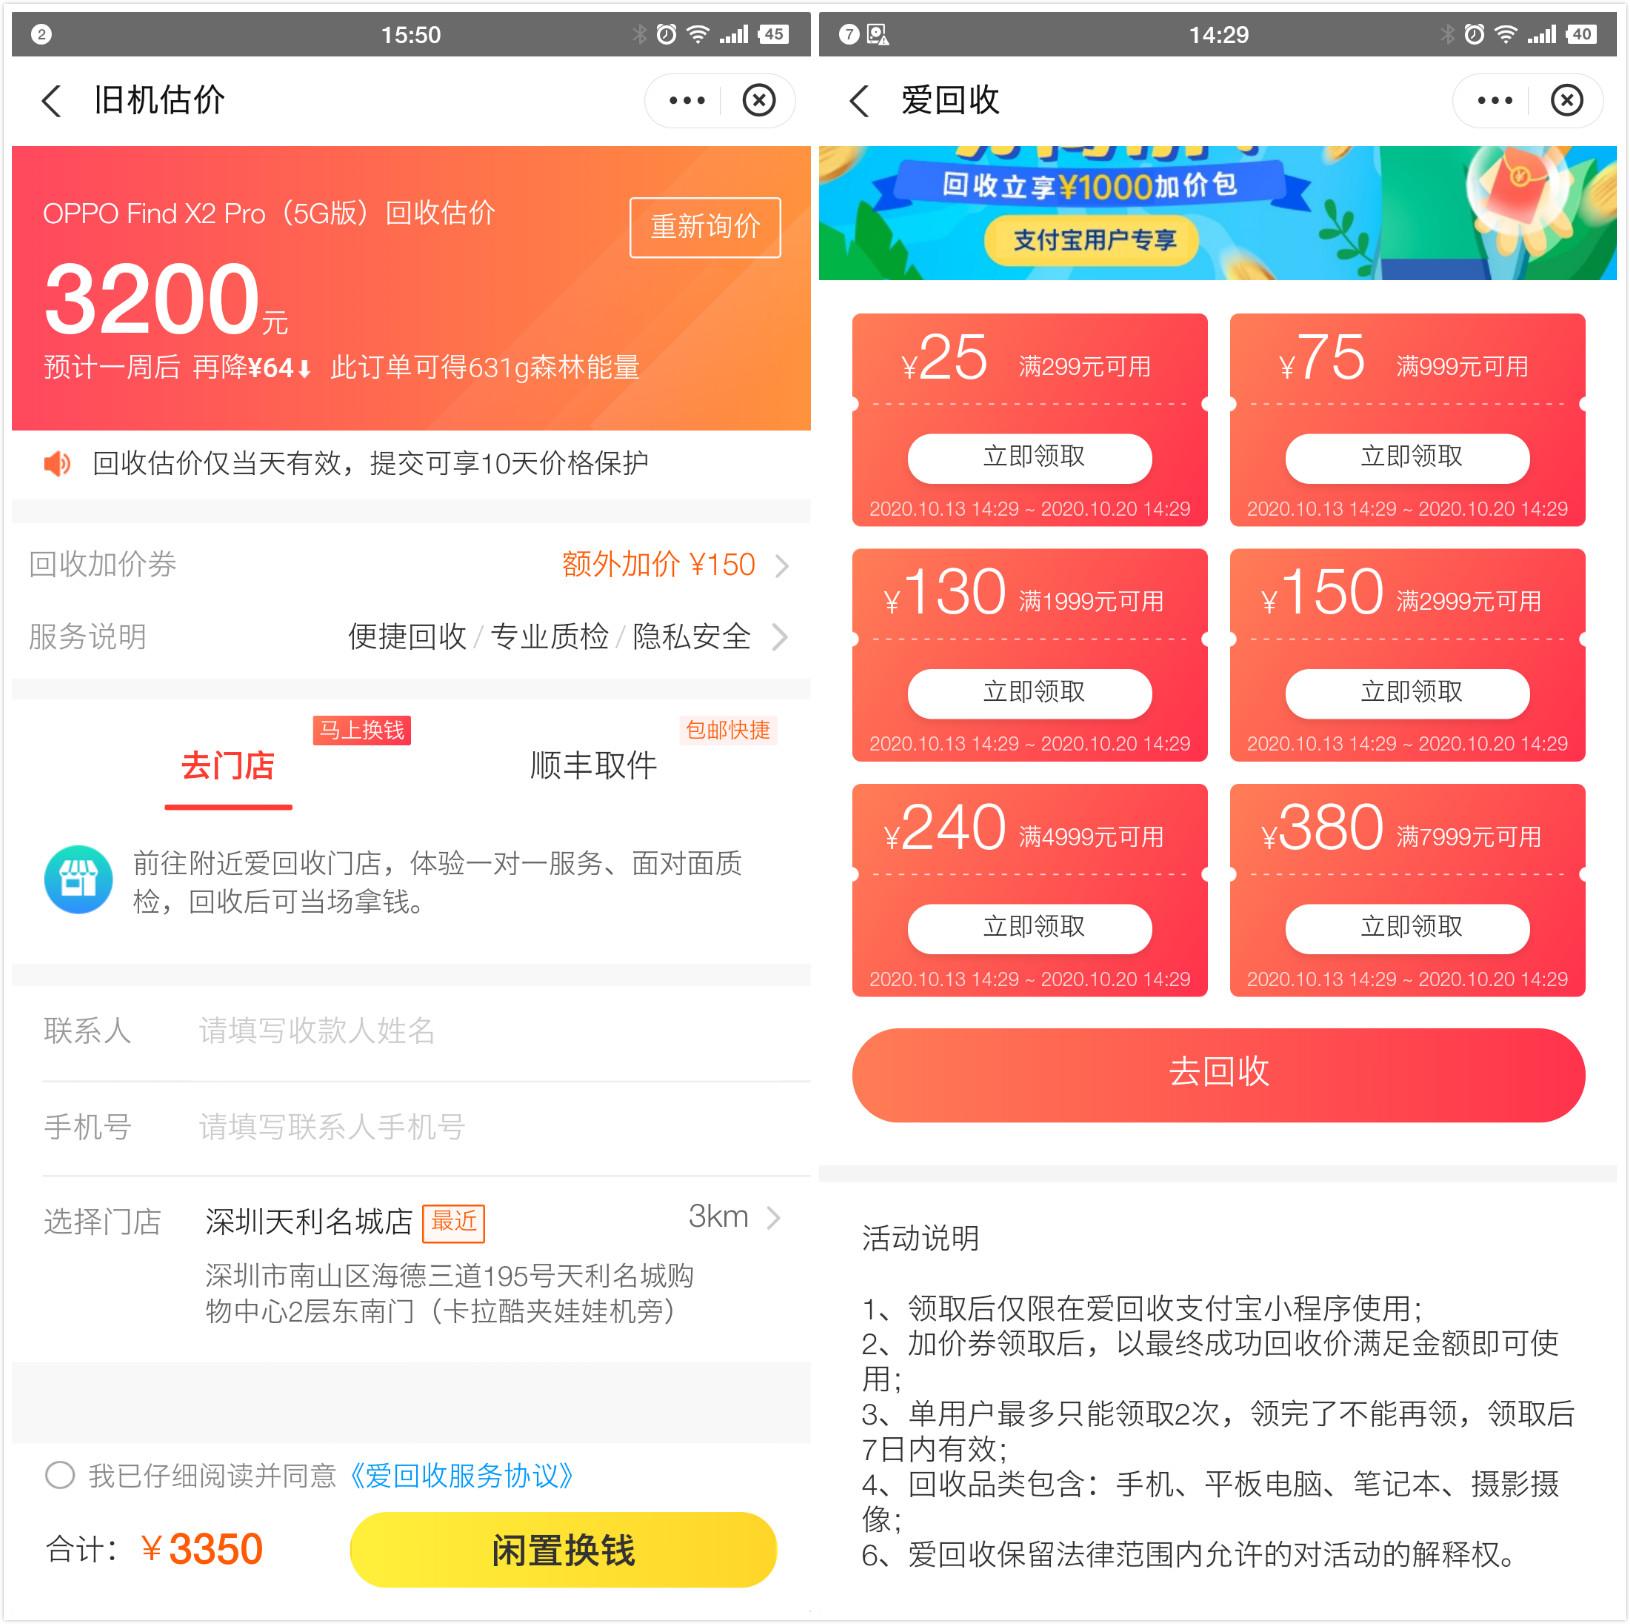 速回收网OPPO Find X2 Pro手机回收价格参考